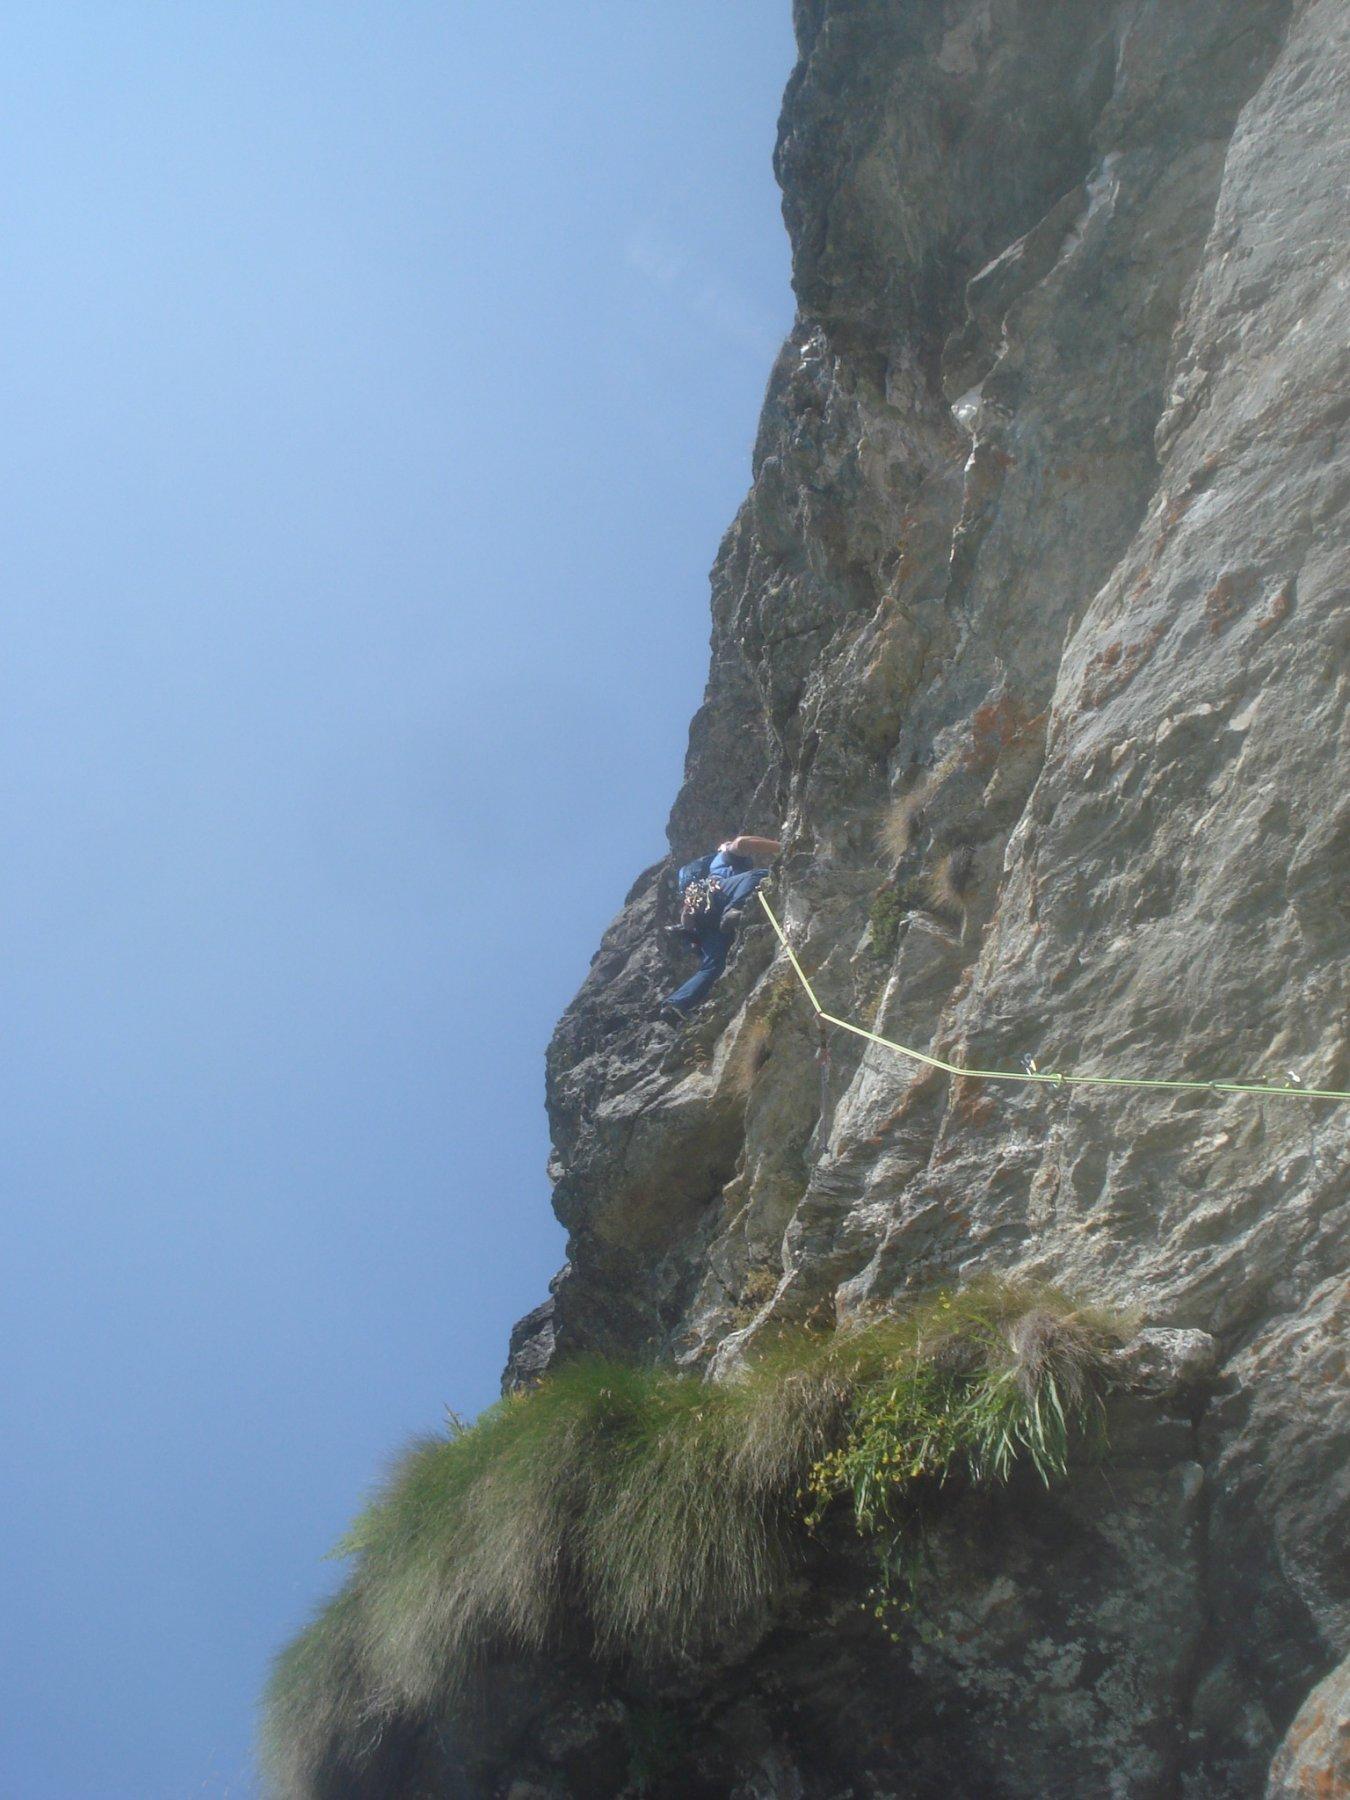 L5.  la roccia non è delle migliori